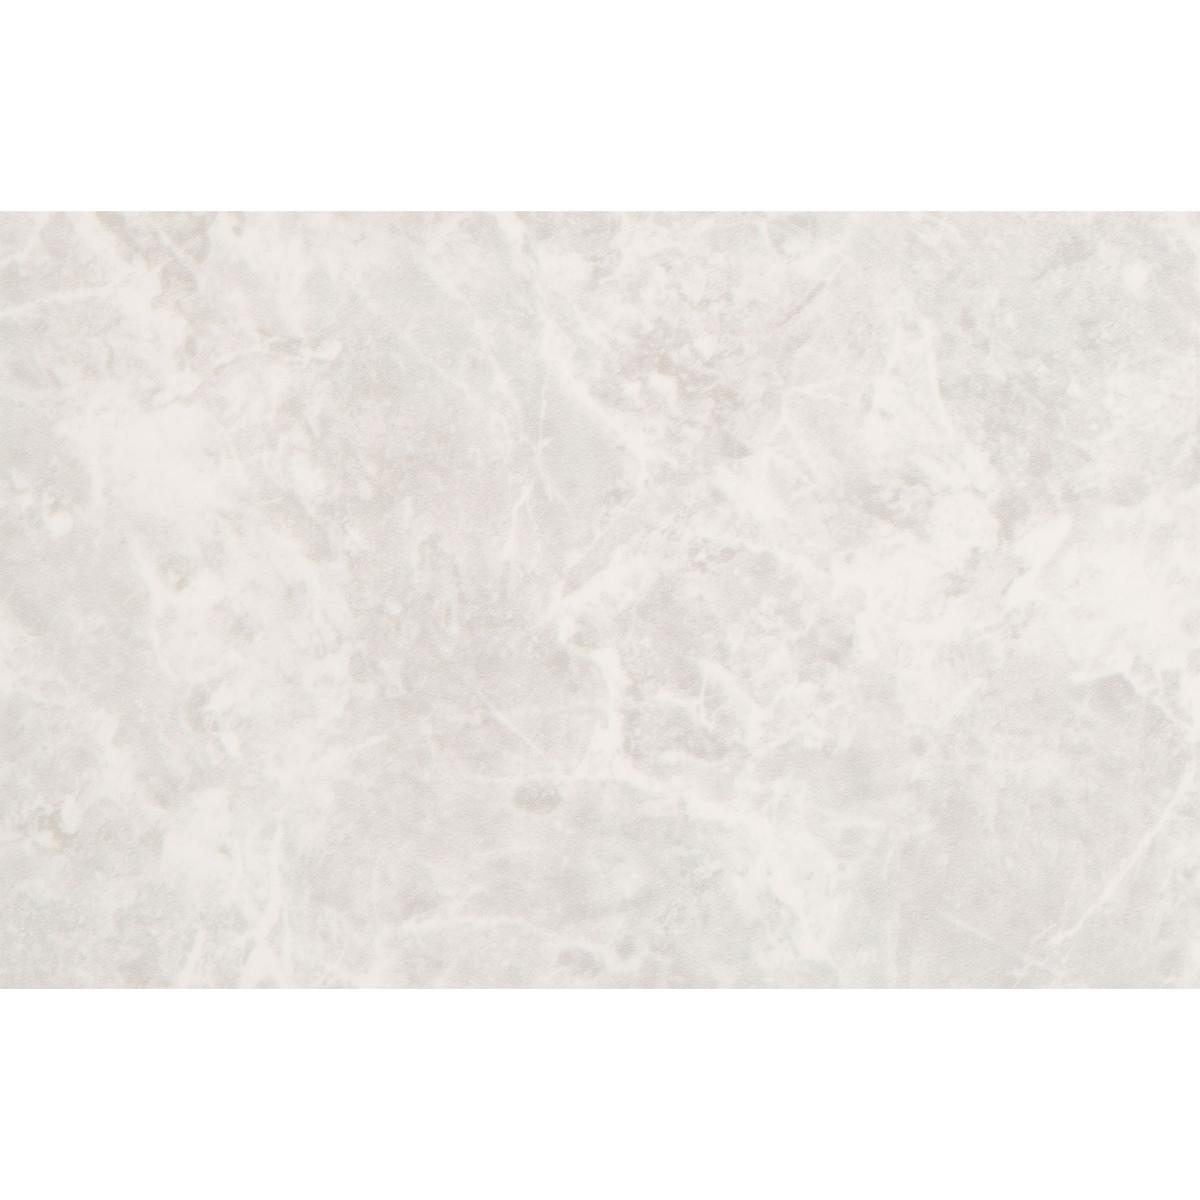 Плитка настенная Мрамор 30x20 см 1.2 м² цвет серый